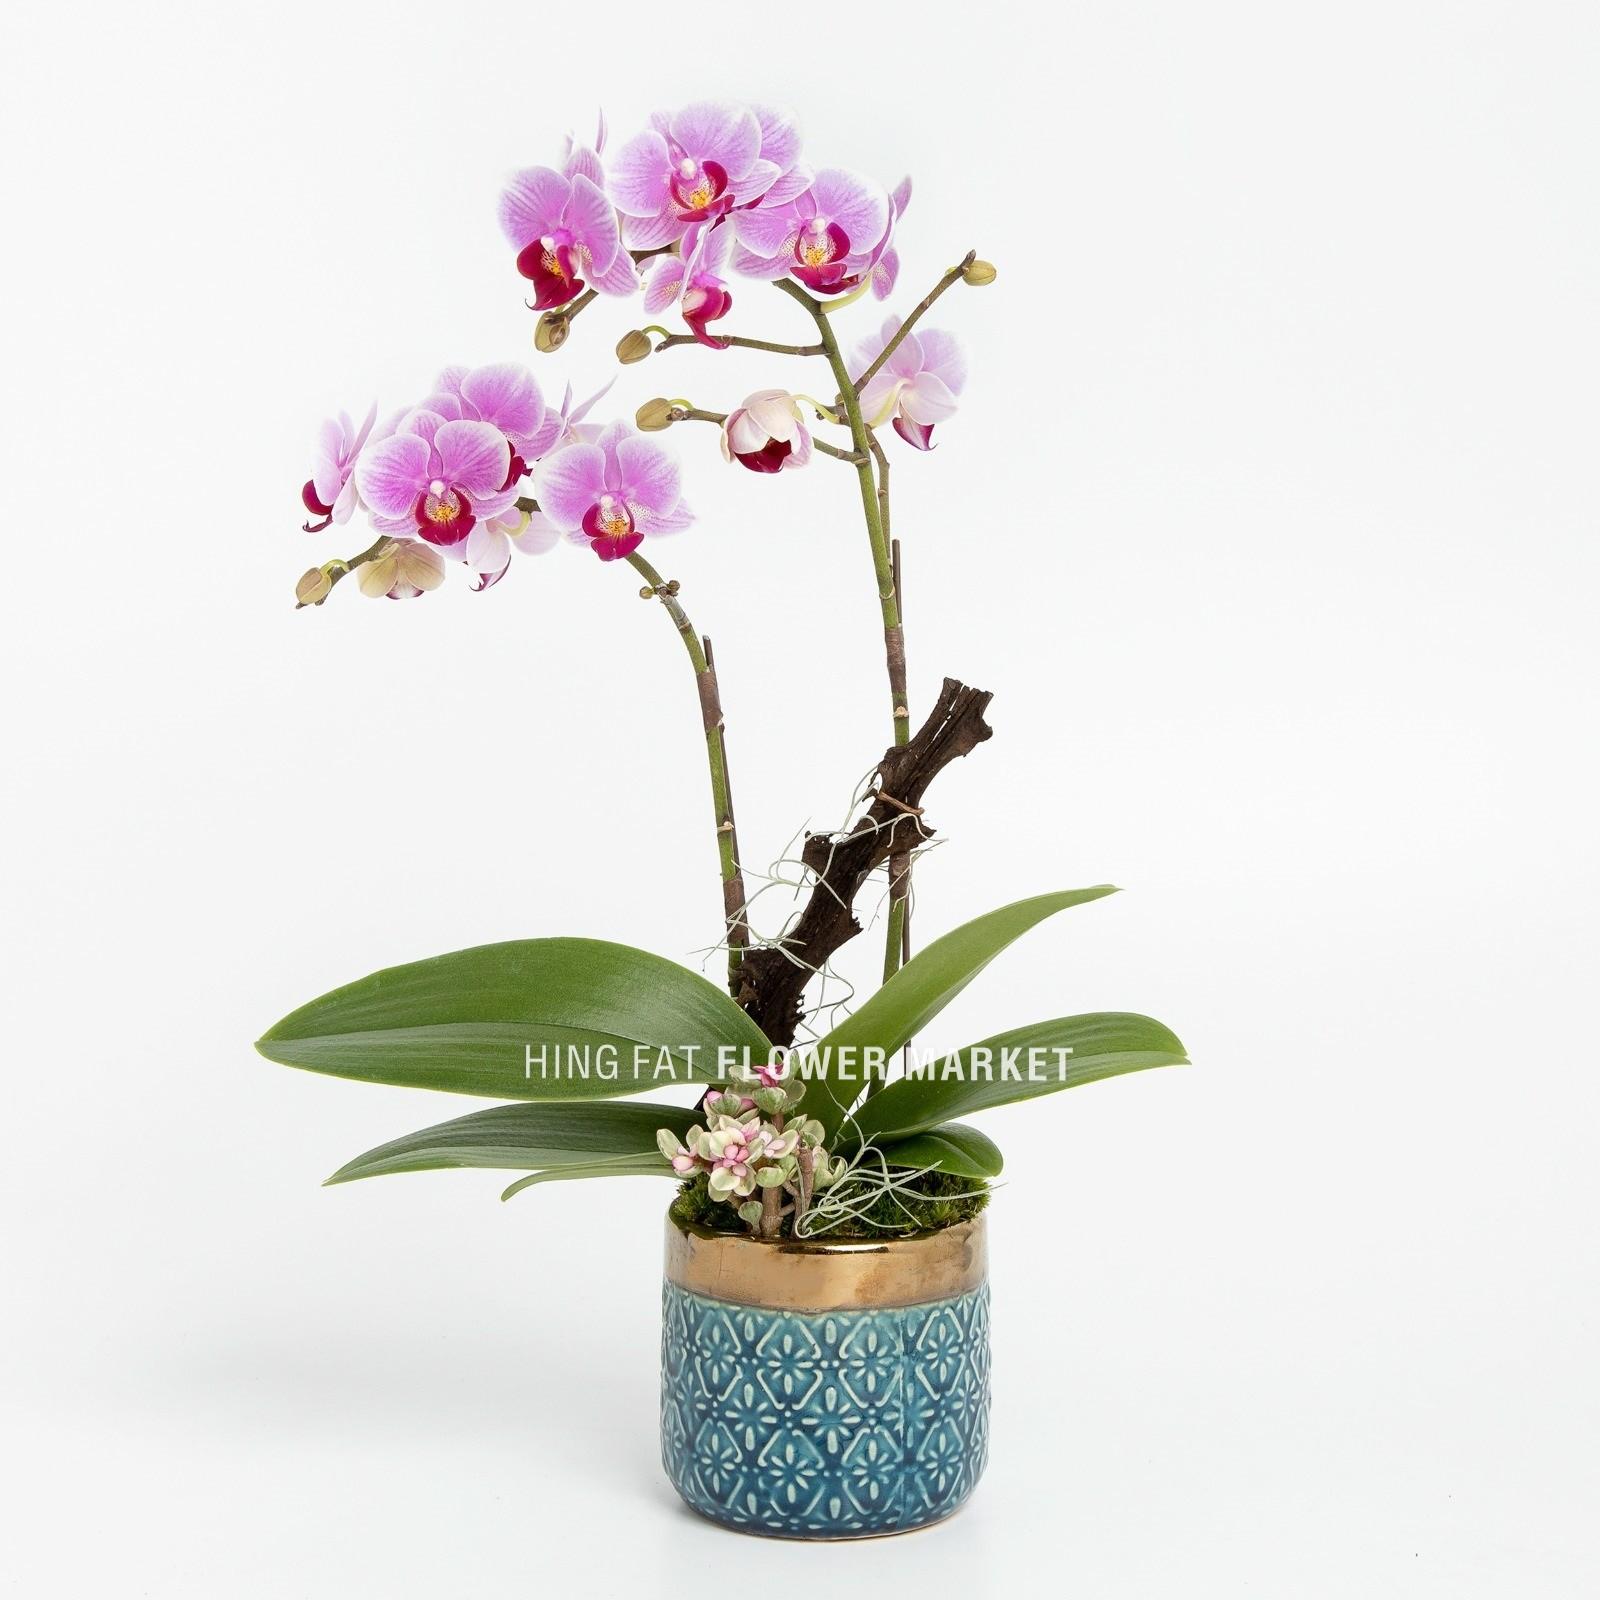 孖菖迷你粉蝴蝶蘭配多肉植物